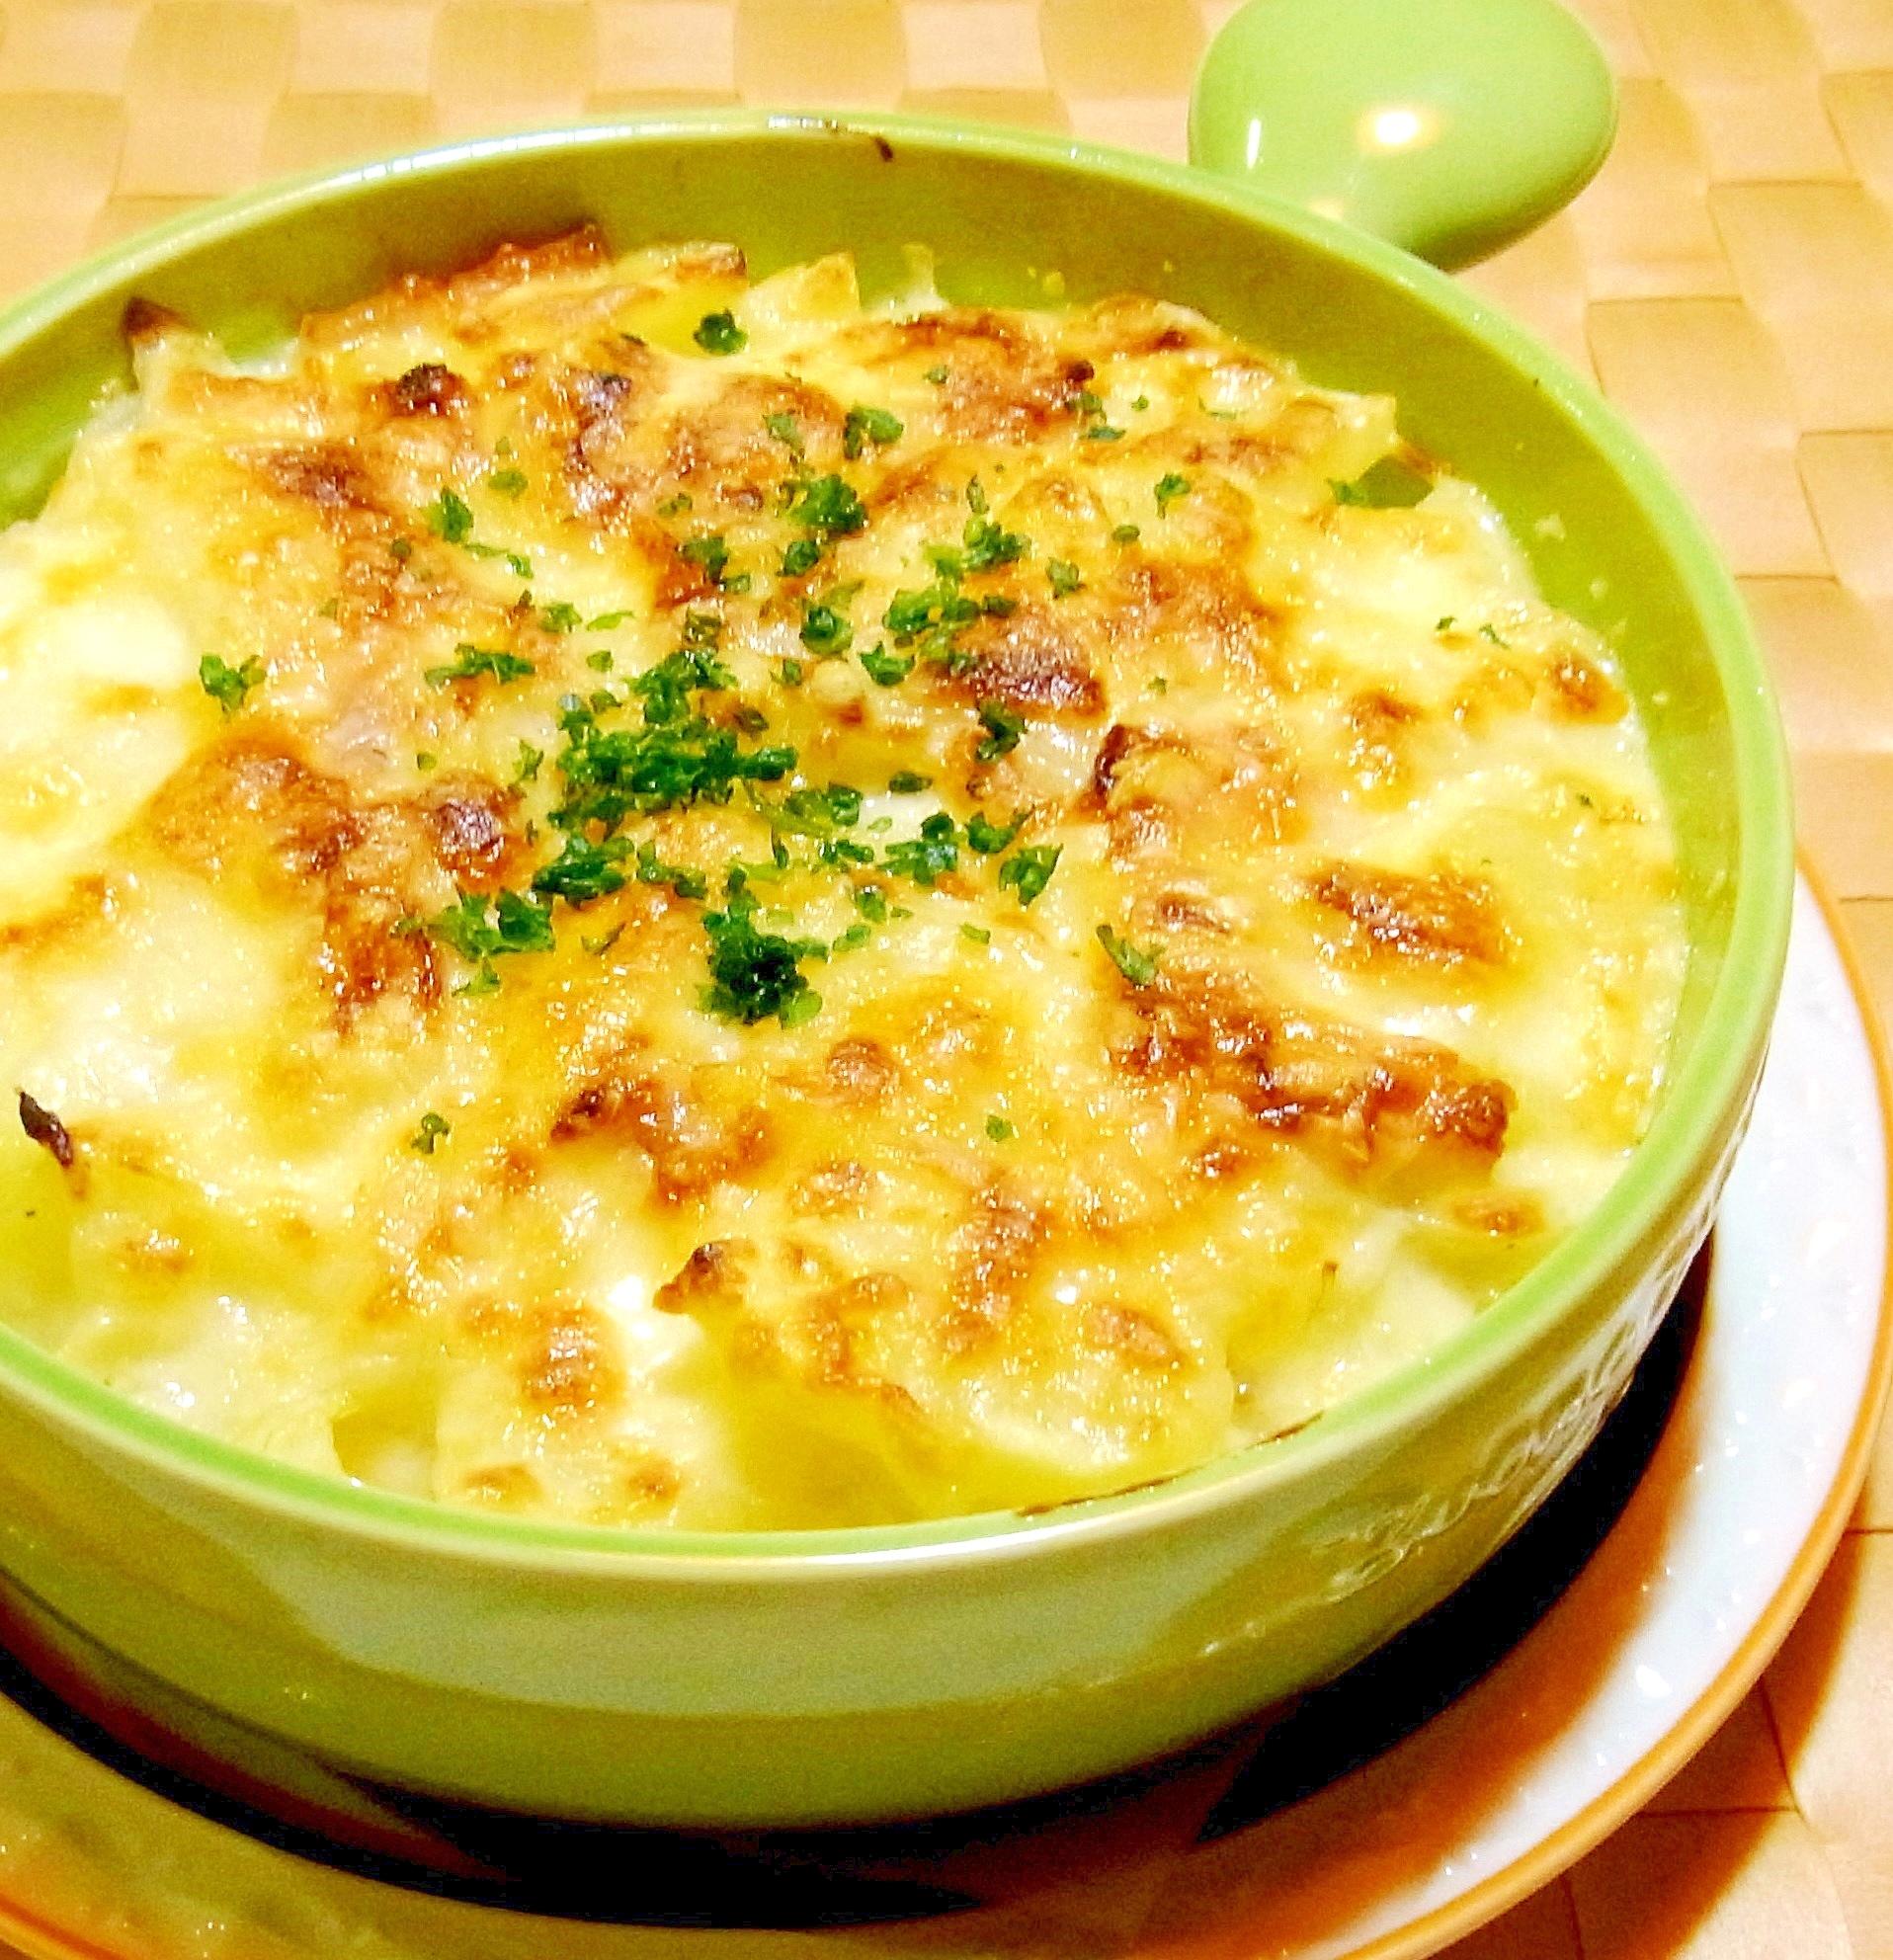 ポテトとベーコンのマカロニグラタン レシピ・作り方 by ☆メリッコ☆|楽天レシピ